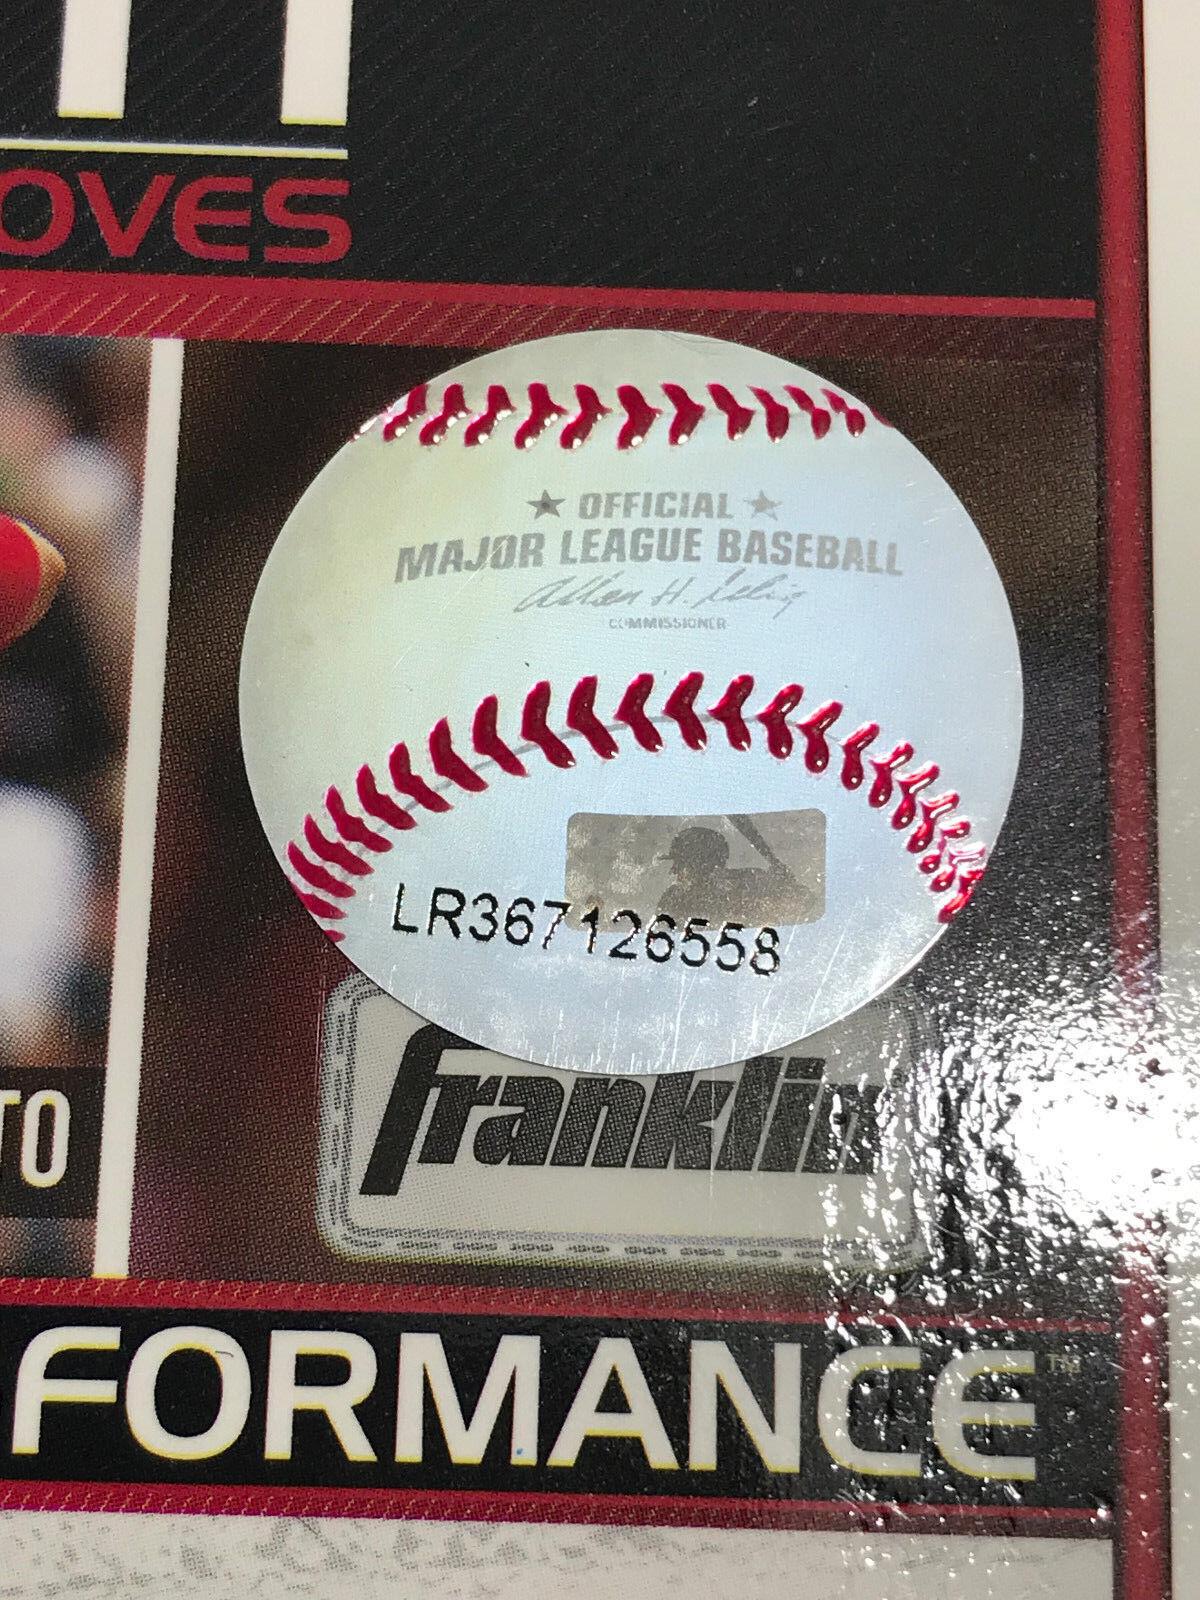 Franklin Sports Insanity Juvenil Guata Gloves-Style 20016F2 20016F2 20016F2 Precio Recomendado 5bc213